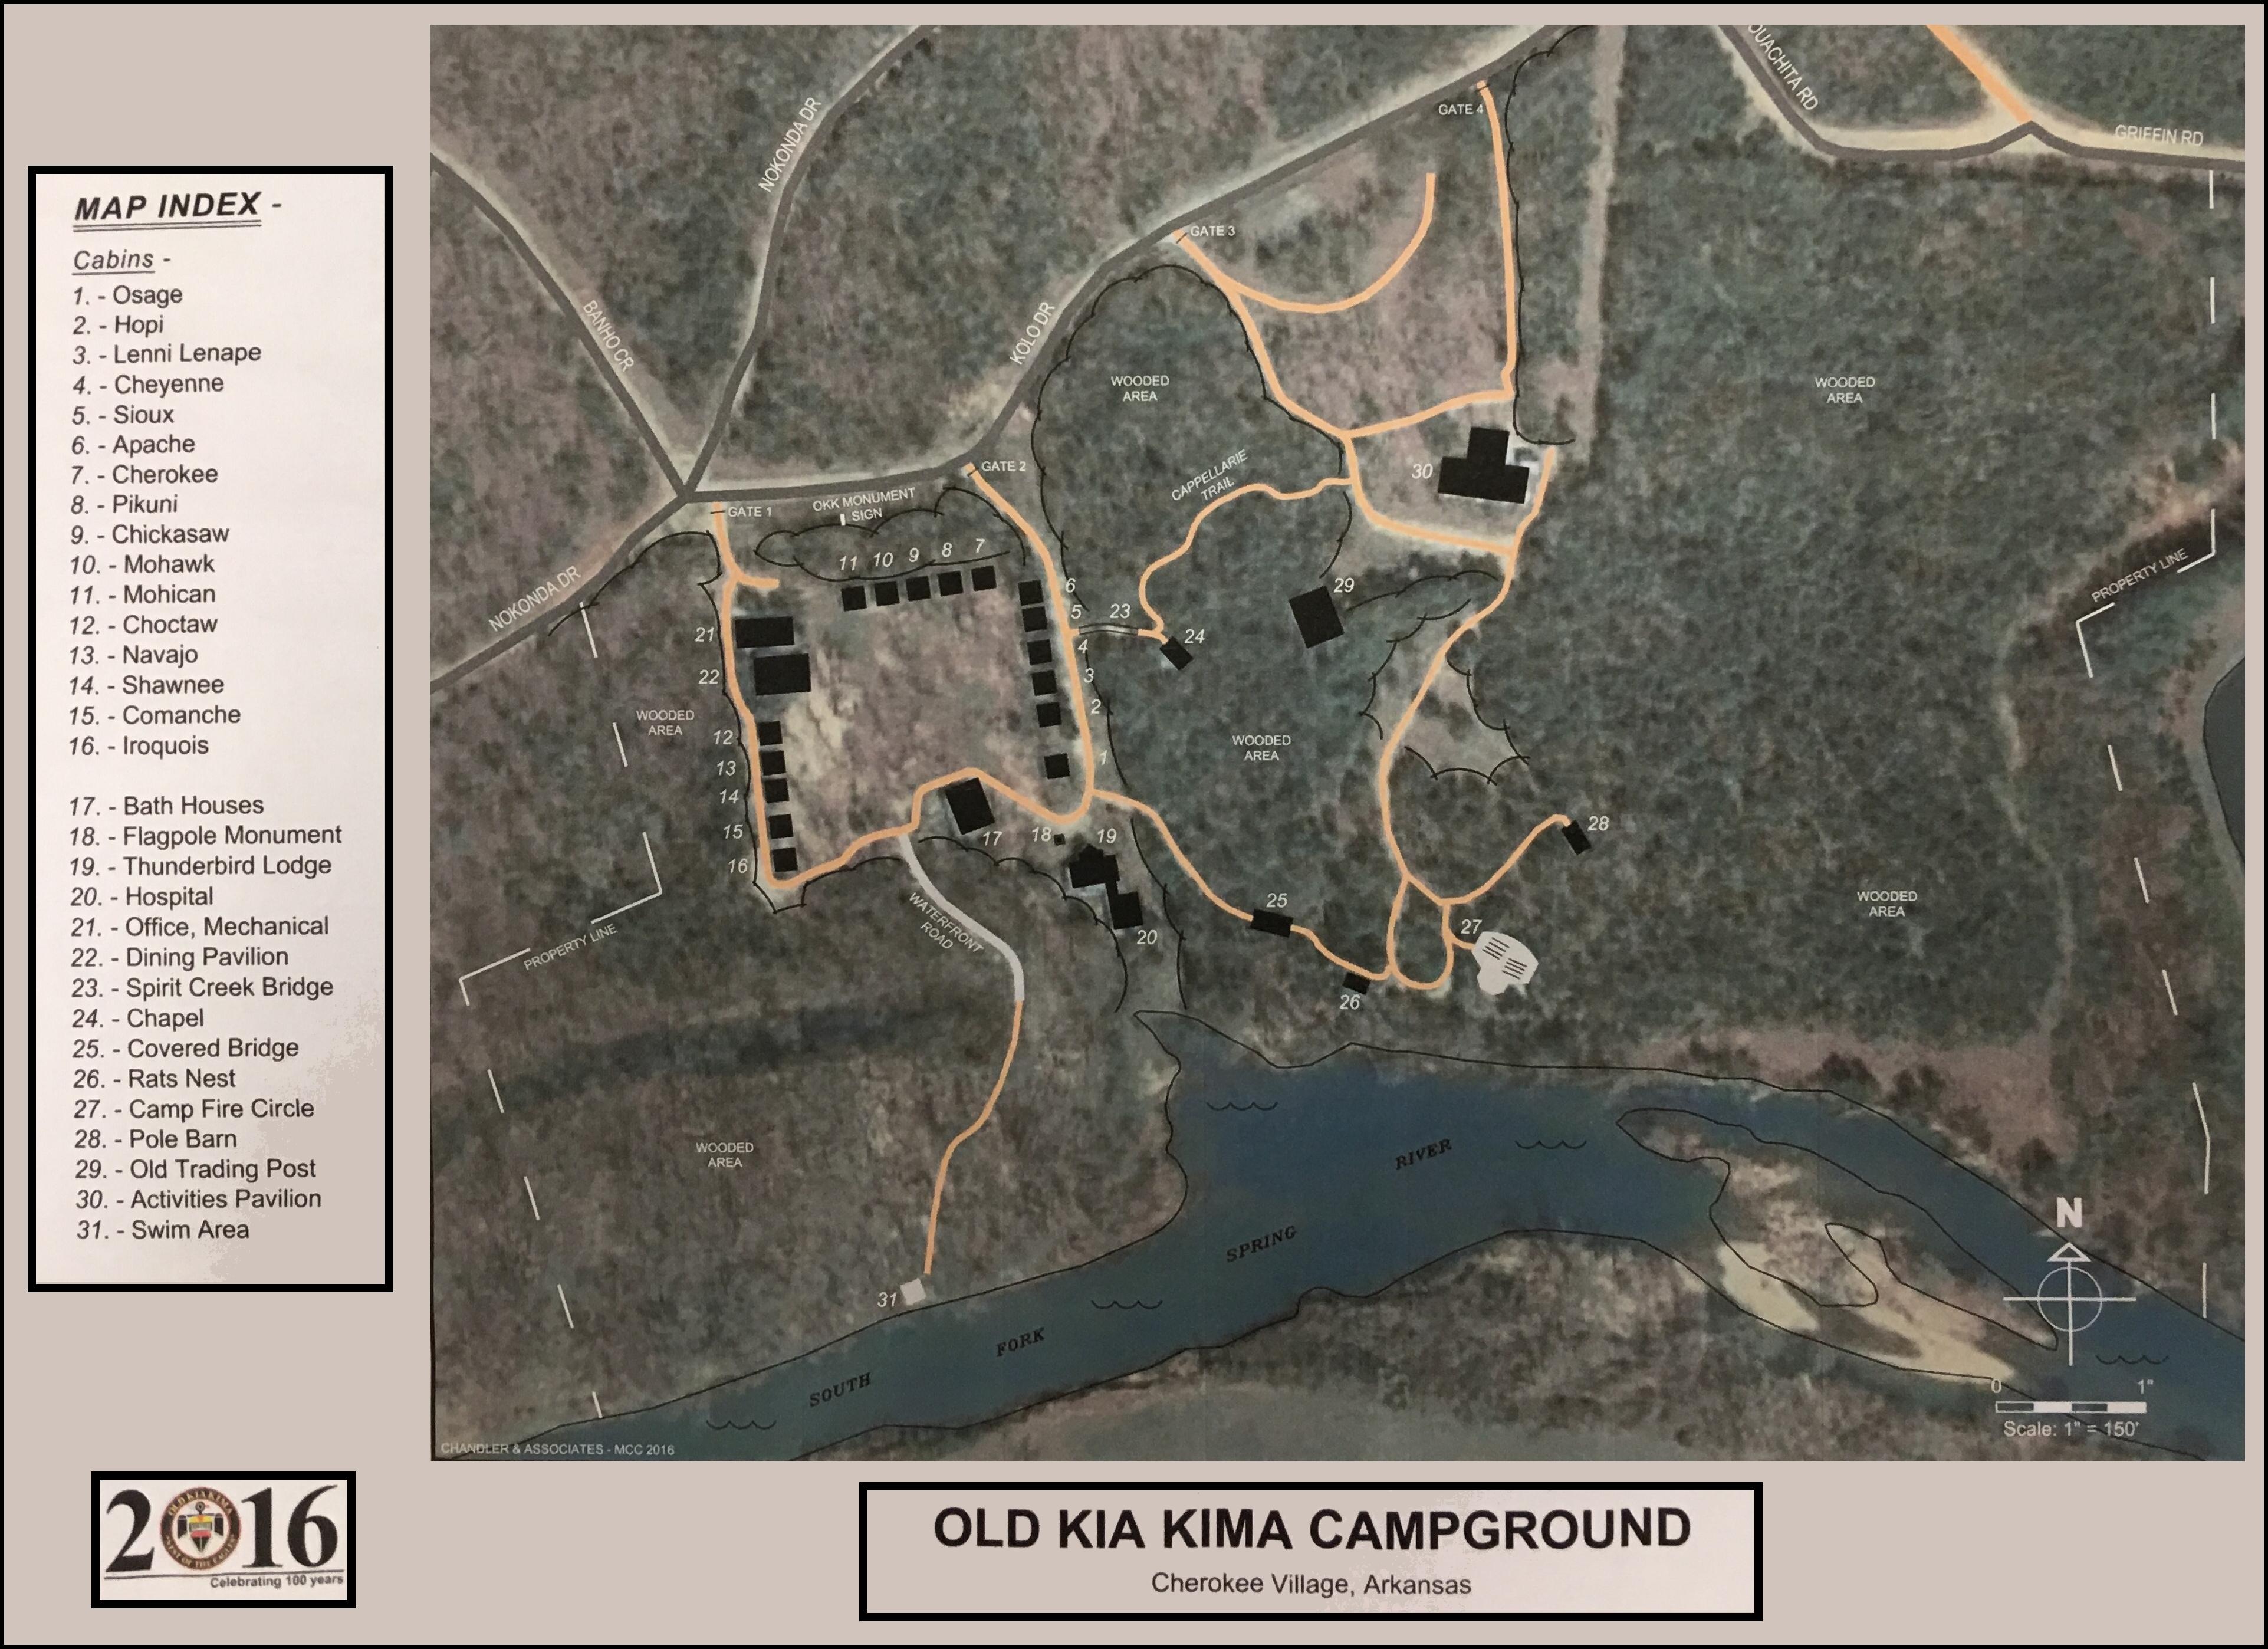 Maps to Old Kia Kima